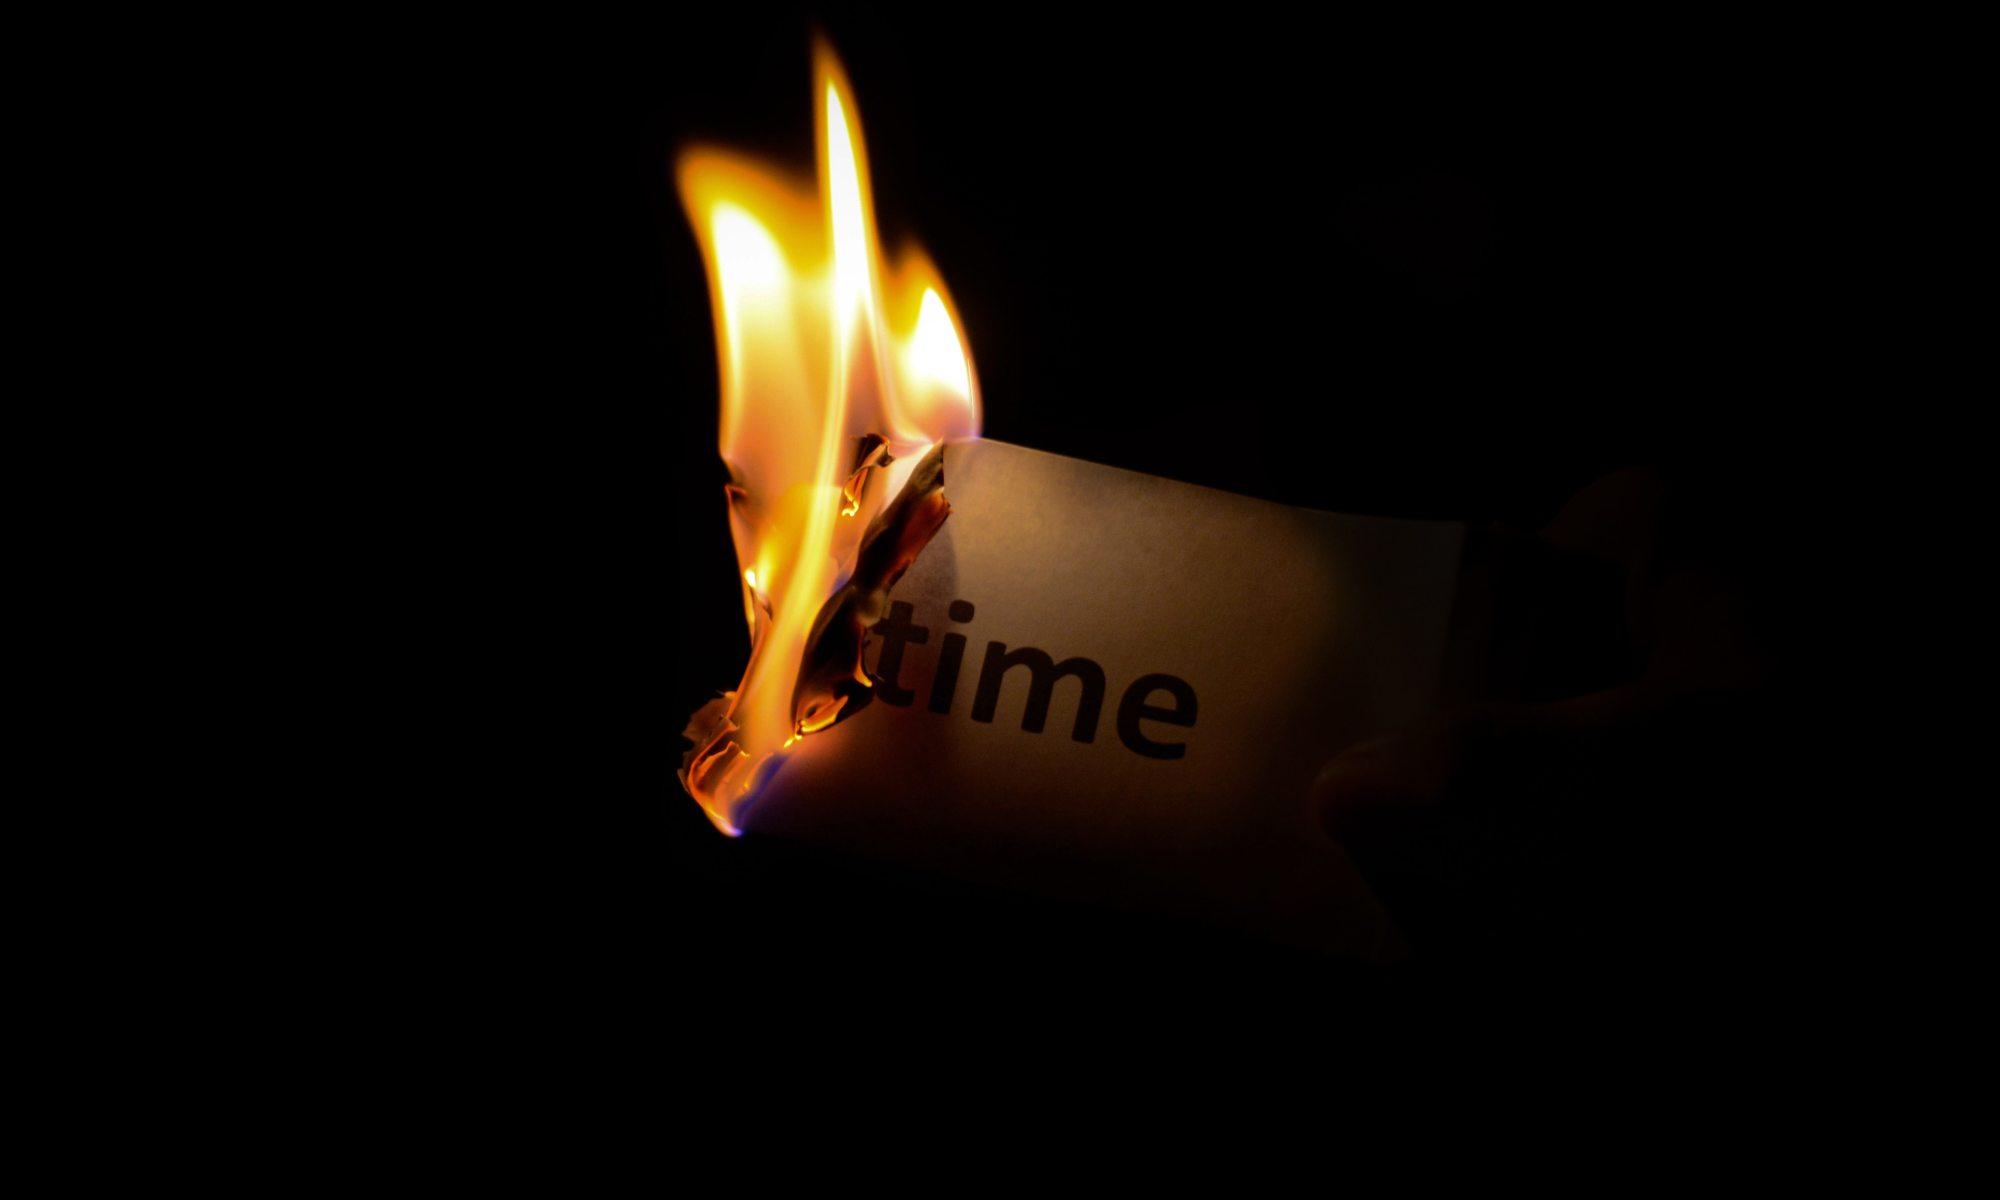 Vergeudung von Zeit